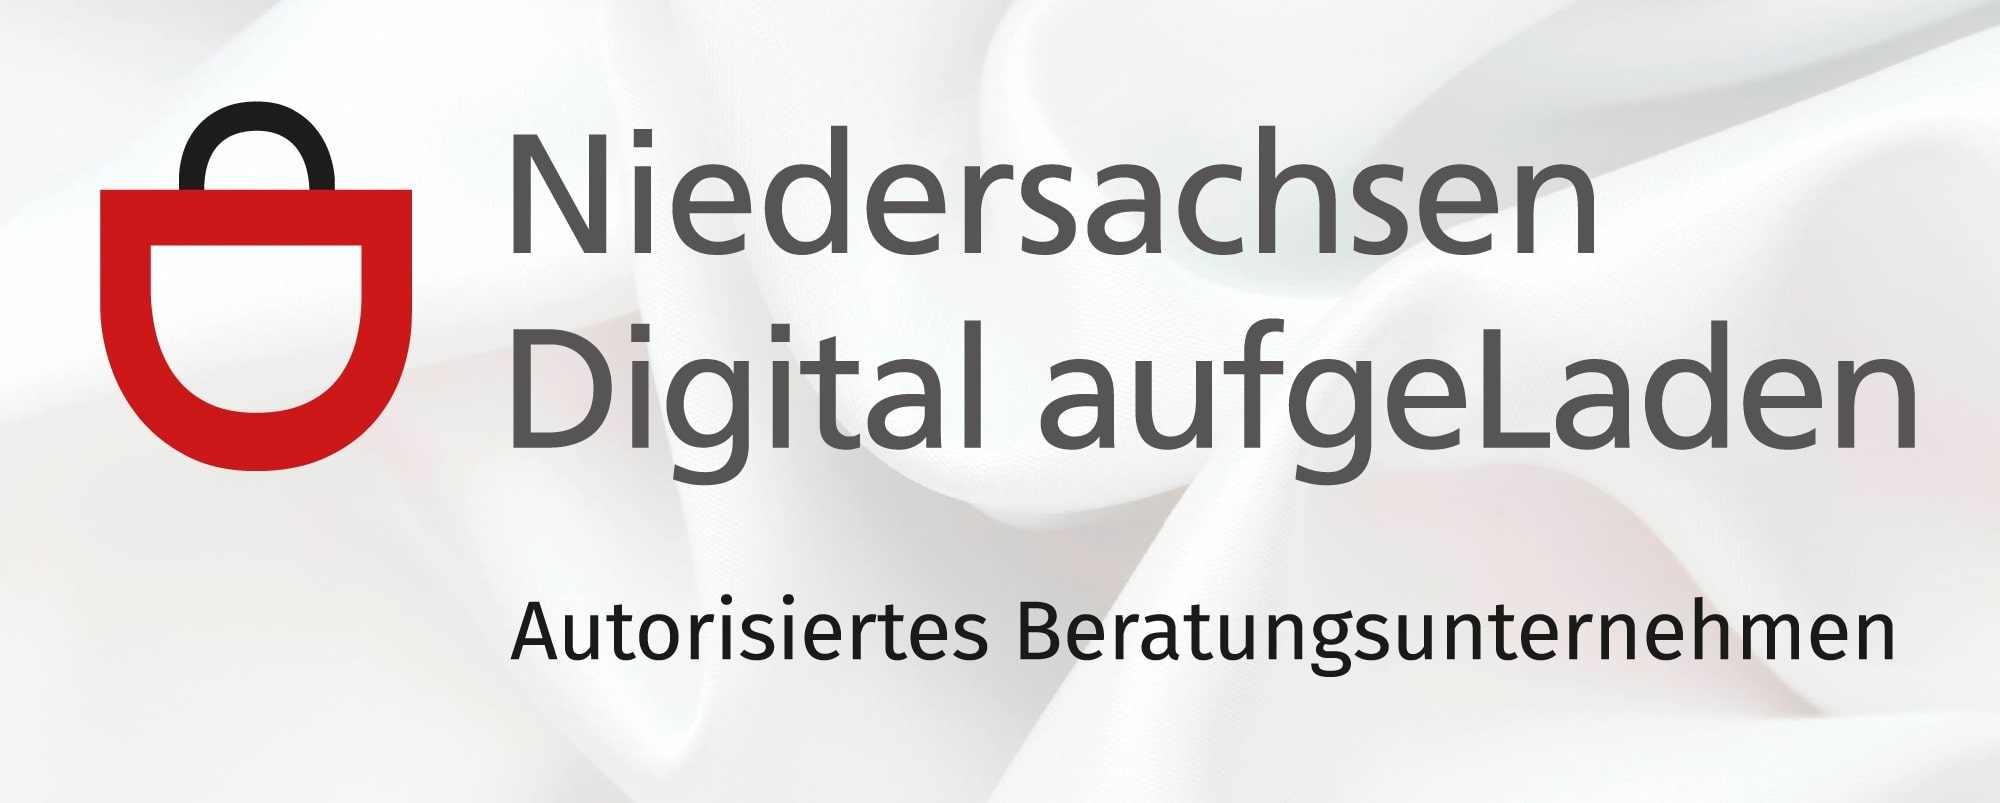 Niedersachsen Digital aufgeladen - Autorisiertes Beratungsunternehmen